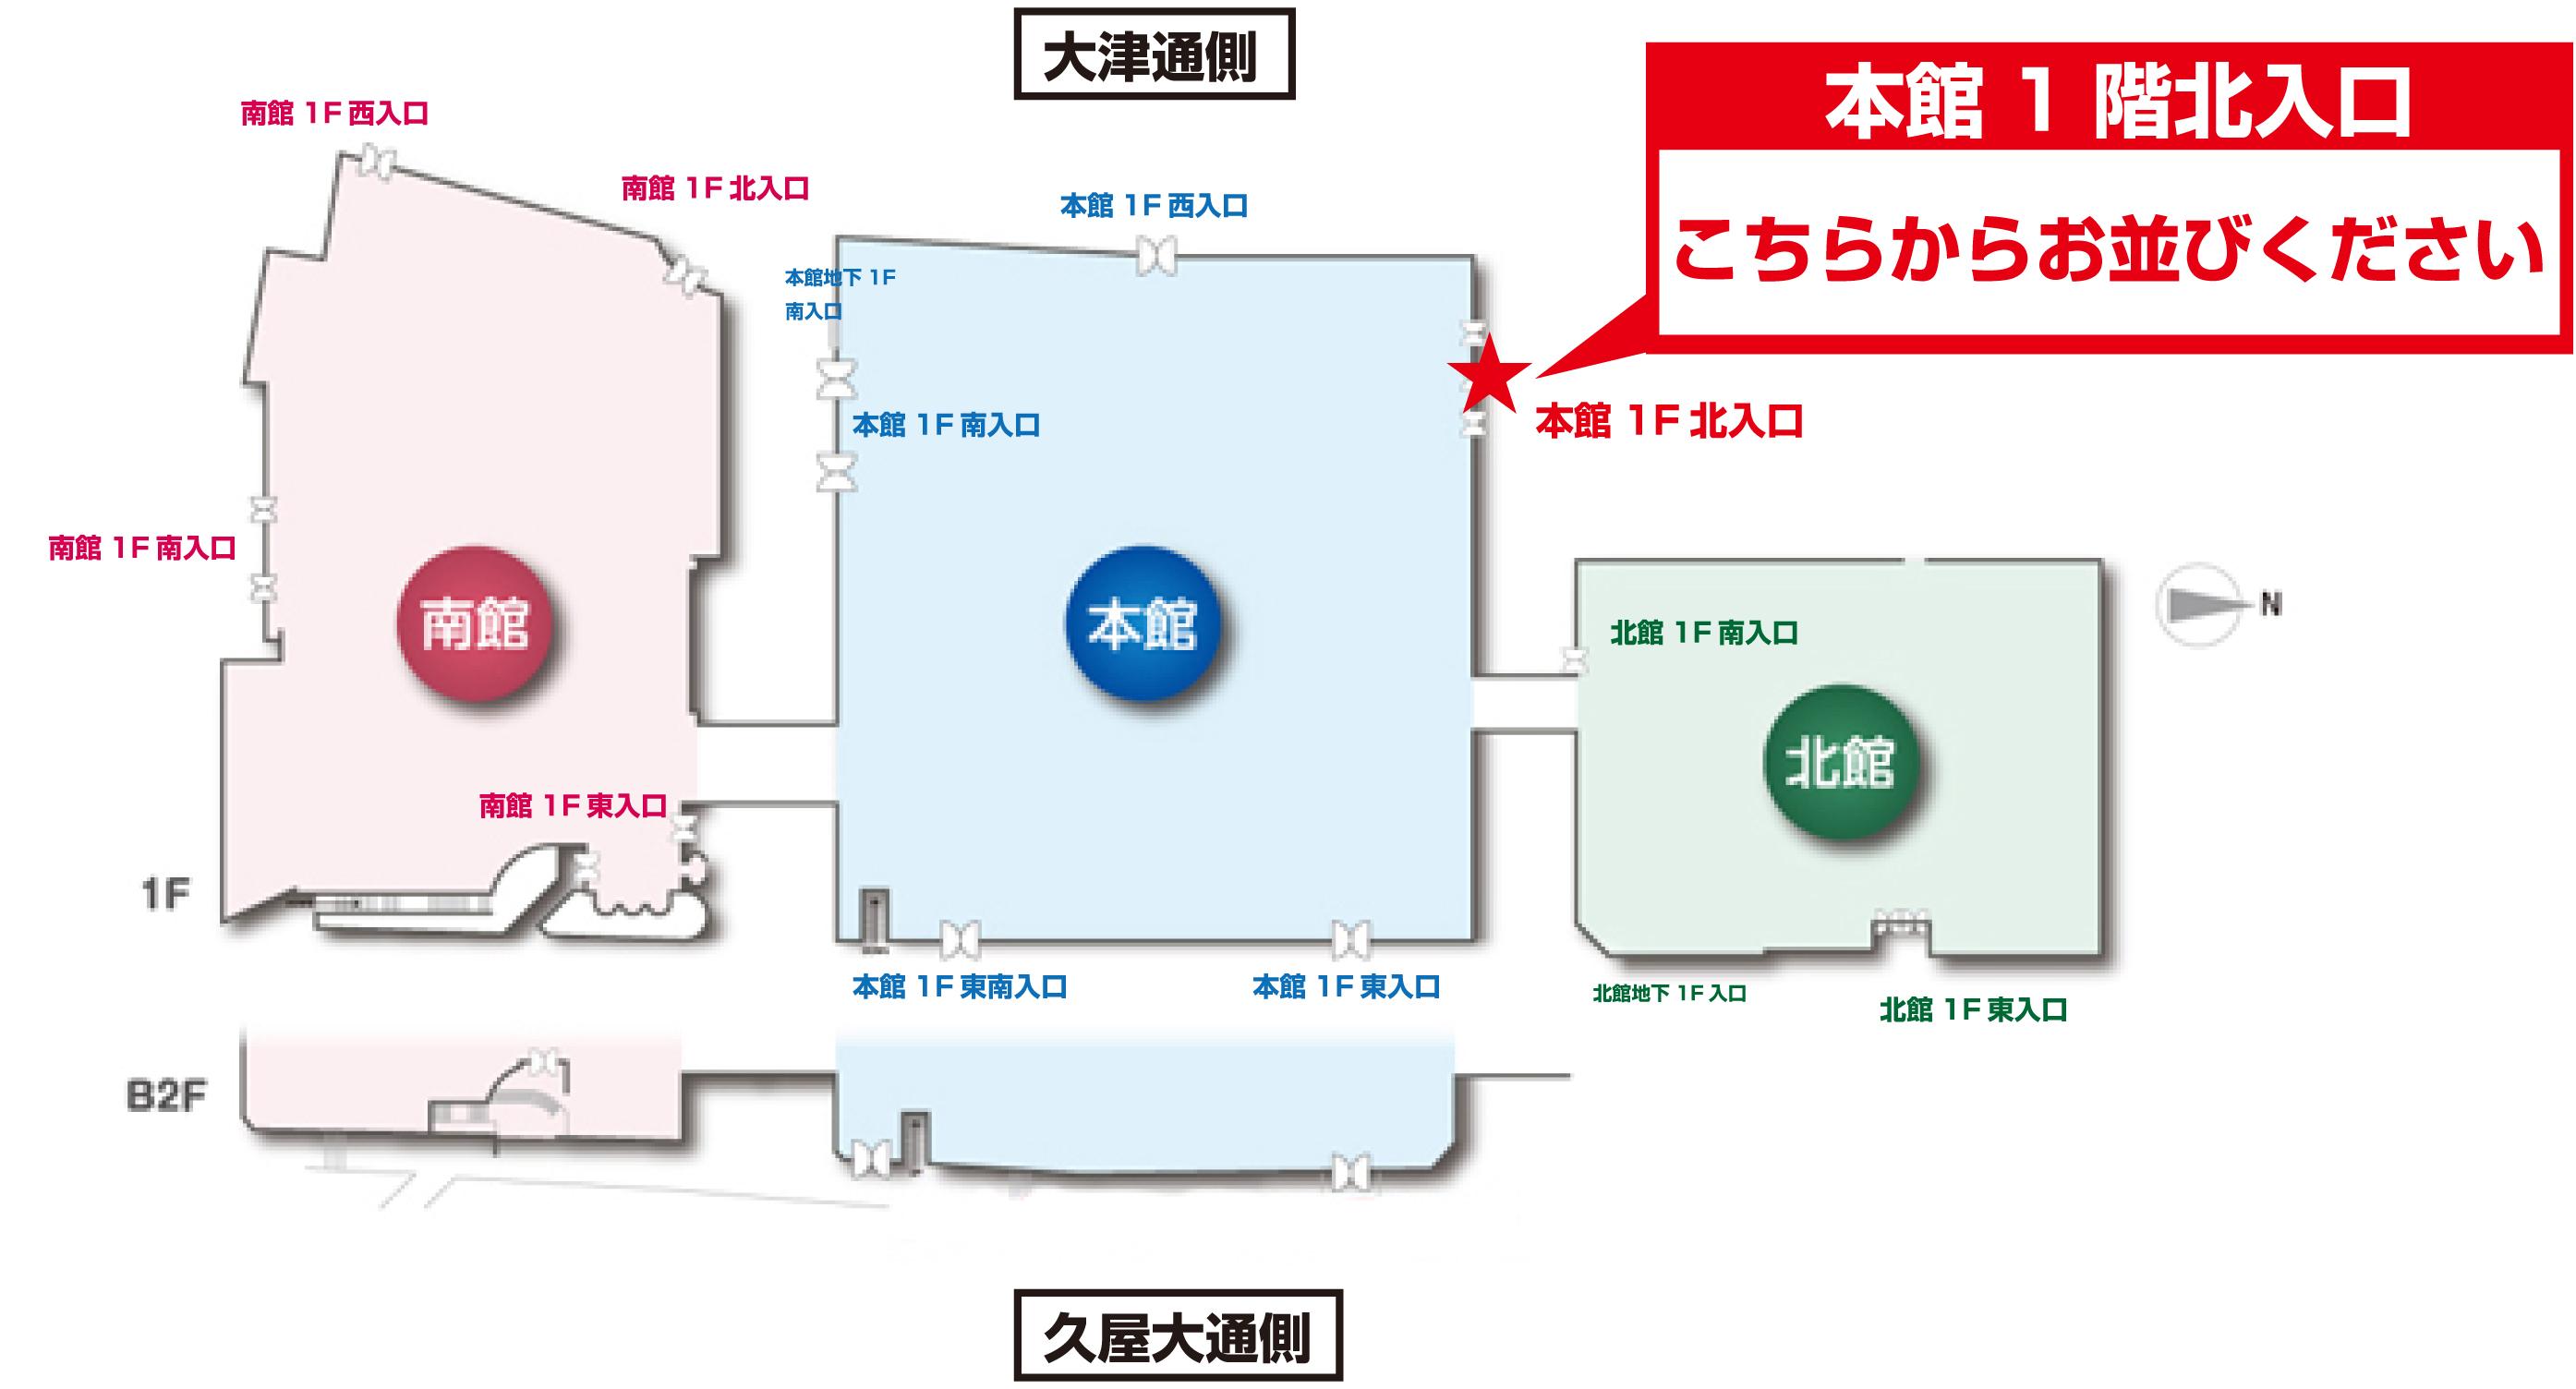 https://voice.pokemon.co.jp/stv/nagoya/images/%E5%9C%B0%E5%9B%B3.jpg